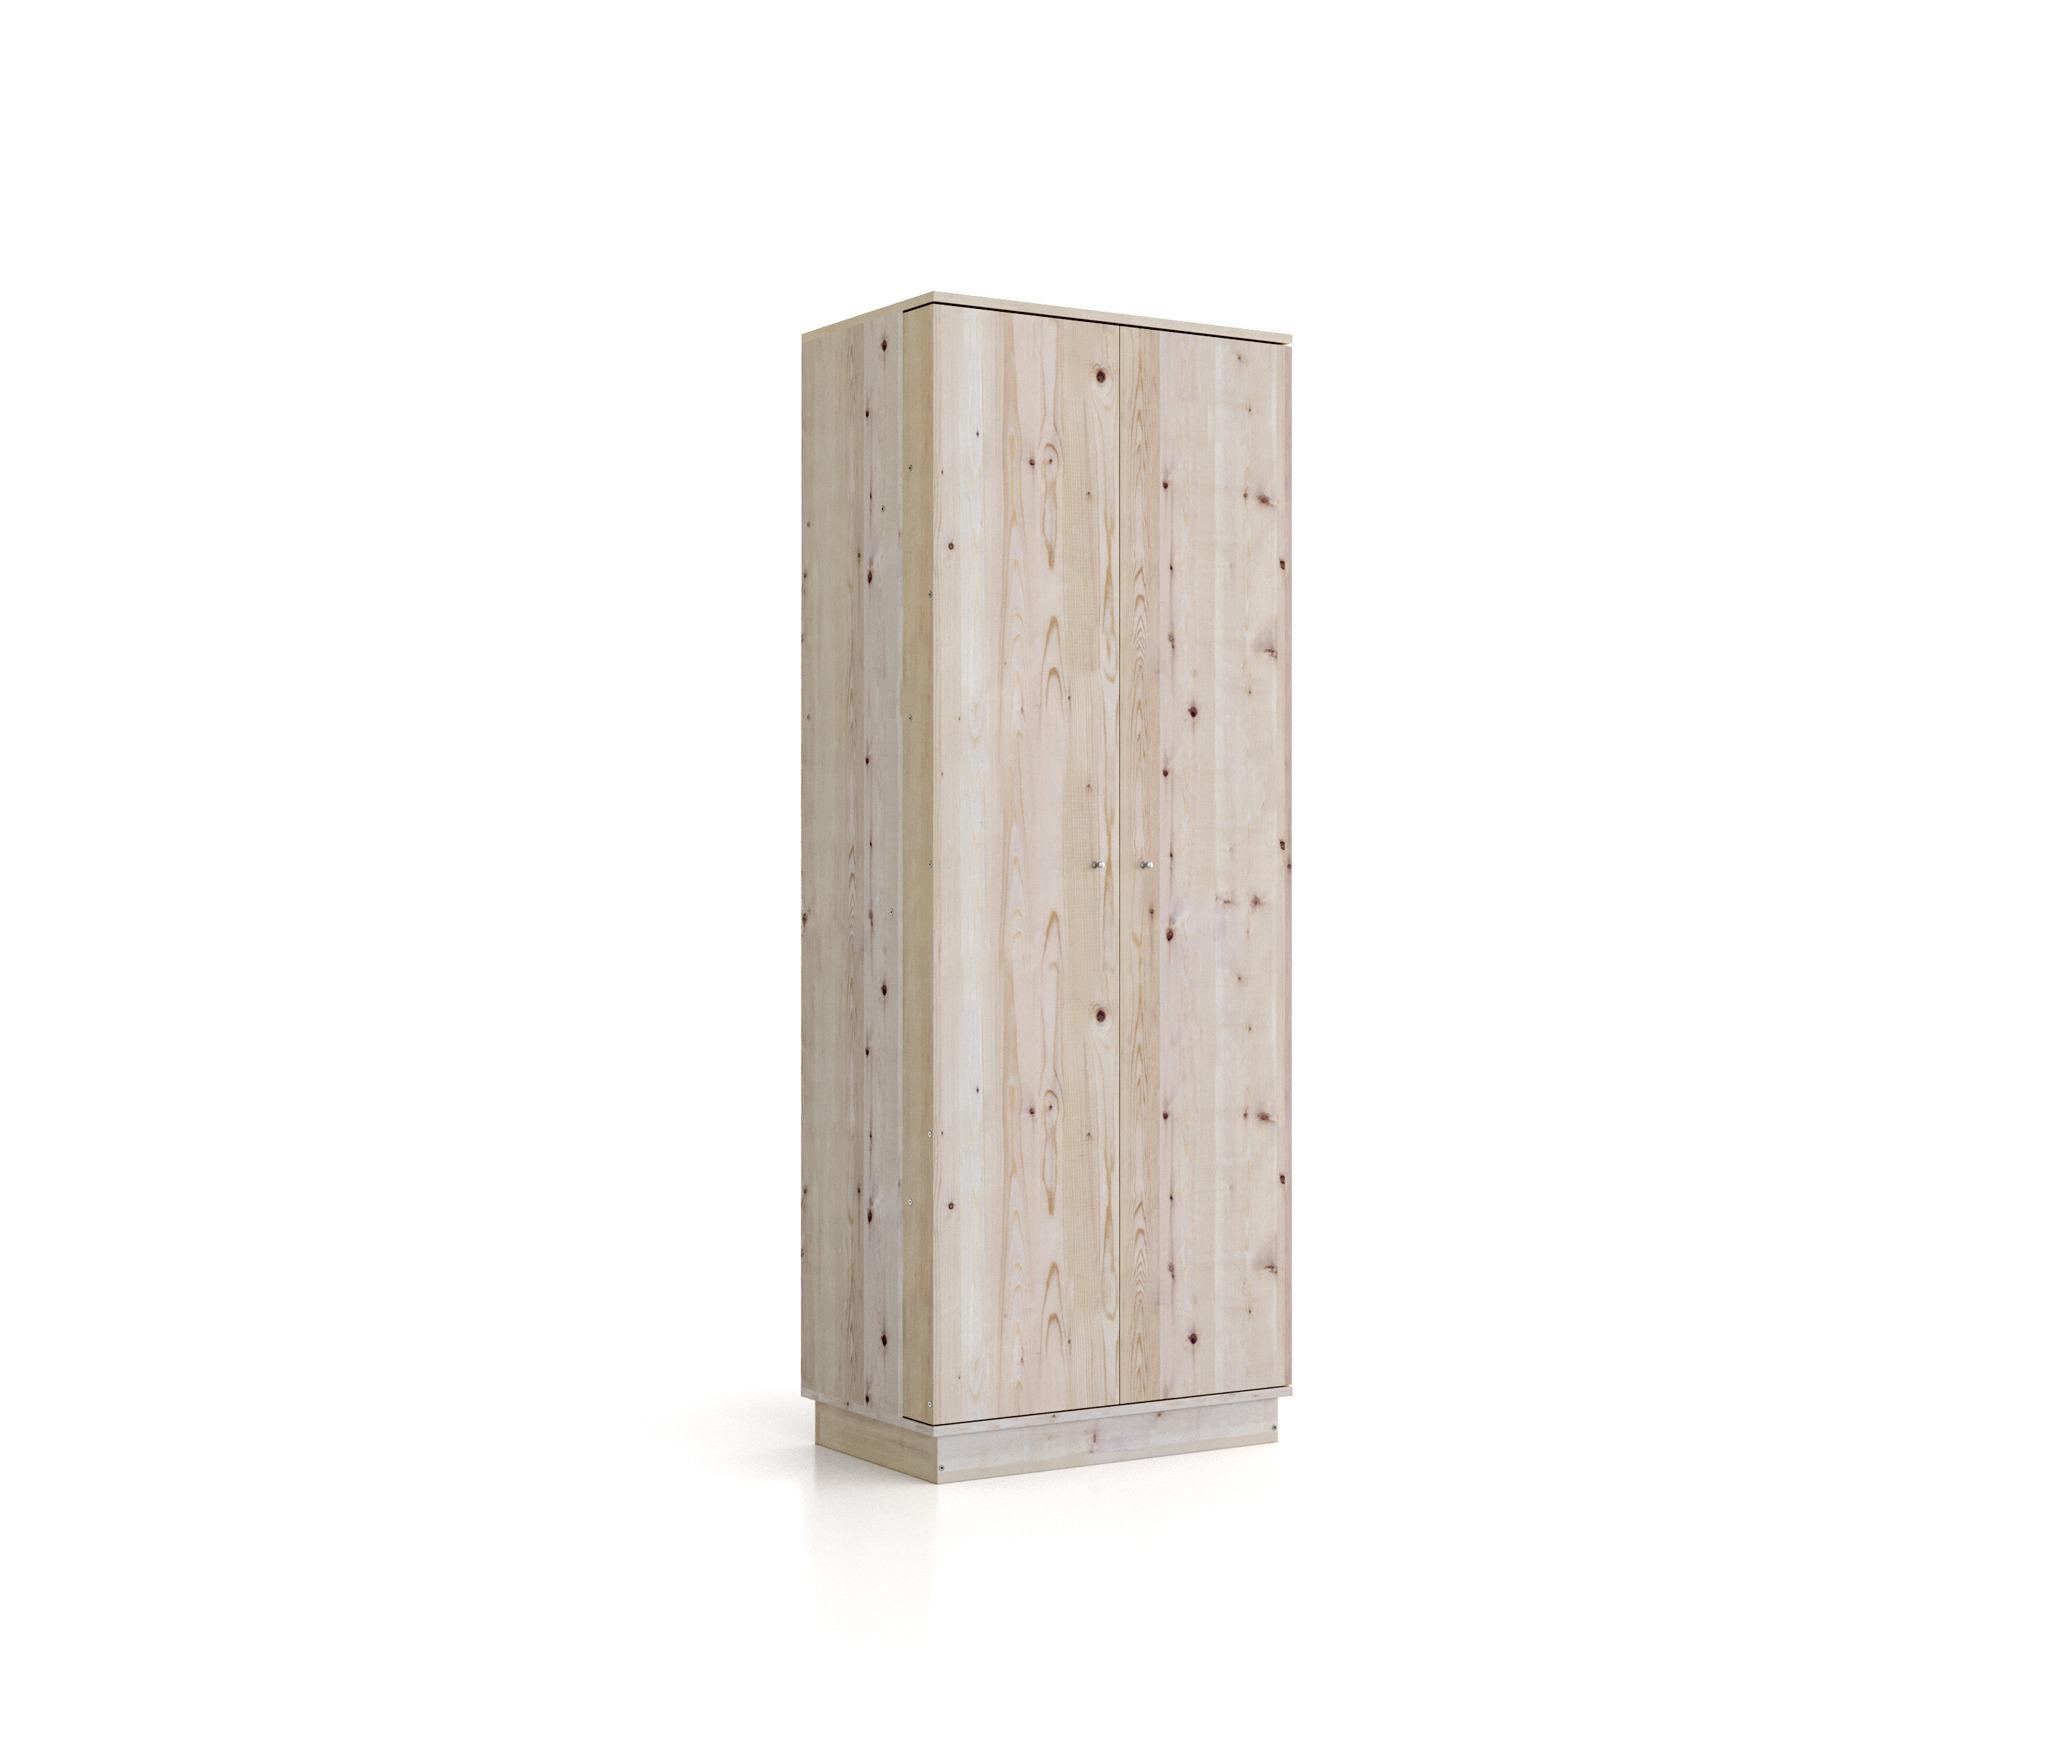 Кантри (Карелия) МС-28 шкаф для инвентаря соснаТовары для дома<br>Шкаф для инвентаря  Карелия    это не дорогая, но функциональная модель шкафа, которая позволит удобно хранить инвентарь и другие хозяйственно-бытовые принадлежности. В нижней части шкафа специально предусмотрено место для размещения хозяйственного инвентаря – ведра, швабры и т.д. Внутри шкафа предусмотрено три полки для хранения вещей. Помимо того, на дверцах располагаются специальные полочки для удобного и эргономичного размещения мелких бытовых предметов: на правой дверце - одна, а на левой - три. Кроме того, на дверце имеется специальное место, предназначенное для держания лопат, граблей.&#13;ВНИМАНИЕ! Перед началом эксплуатации вне помещений, необходимо обработать деревянные части мебели специализированными защитными составами!&#13;]]&gt;<br><br>Длина мм: 800<br>Высота мм: 2126<br>Глубина мм: 500